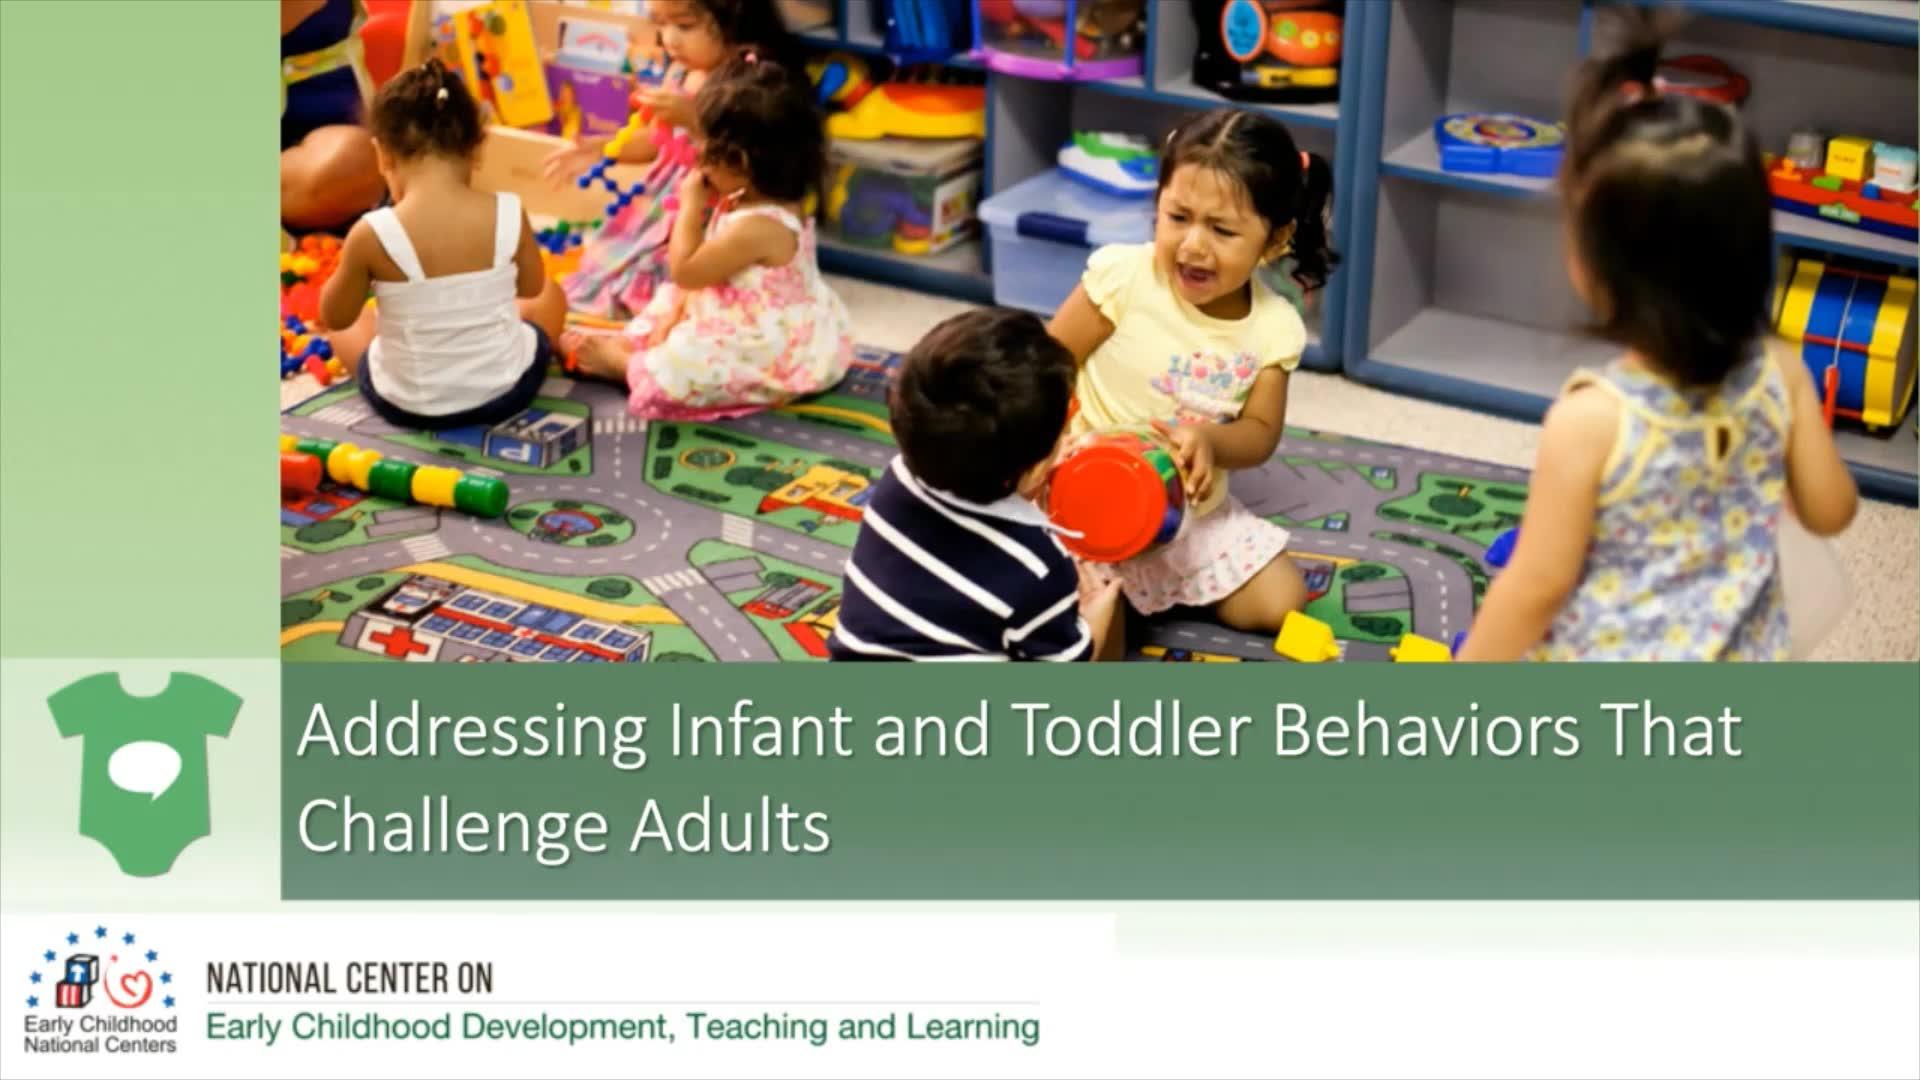 Cómo abordar los comportamientos del bebé y del niño que desafían a los adultos